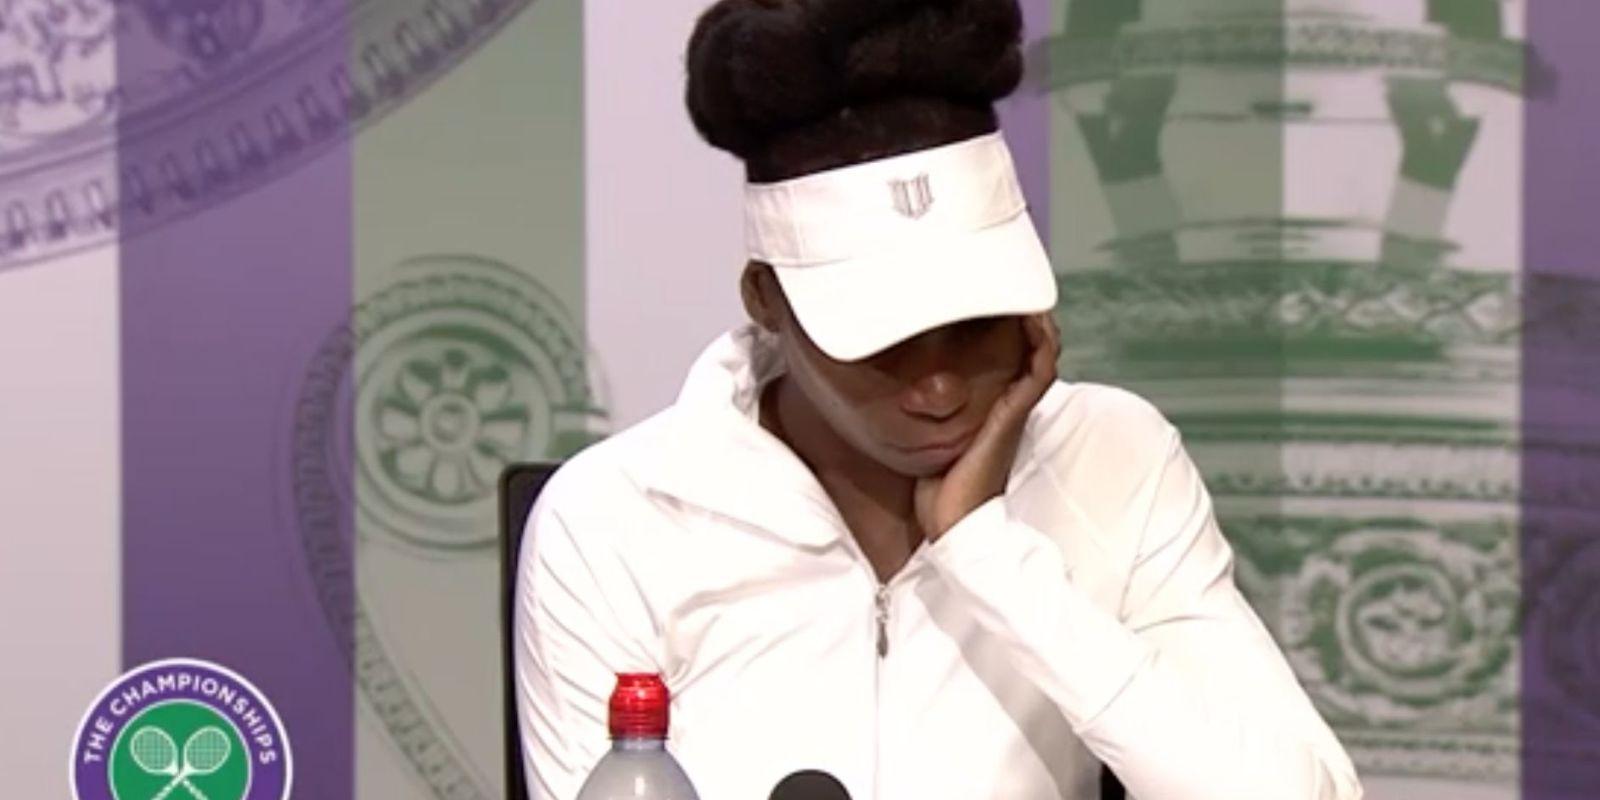 Venus Williams breaks down in tears over fatal crash